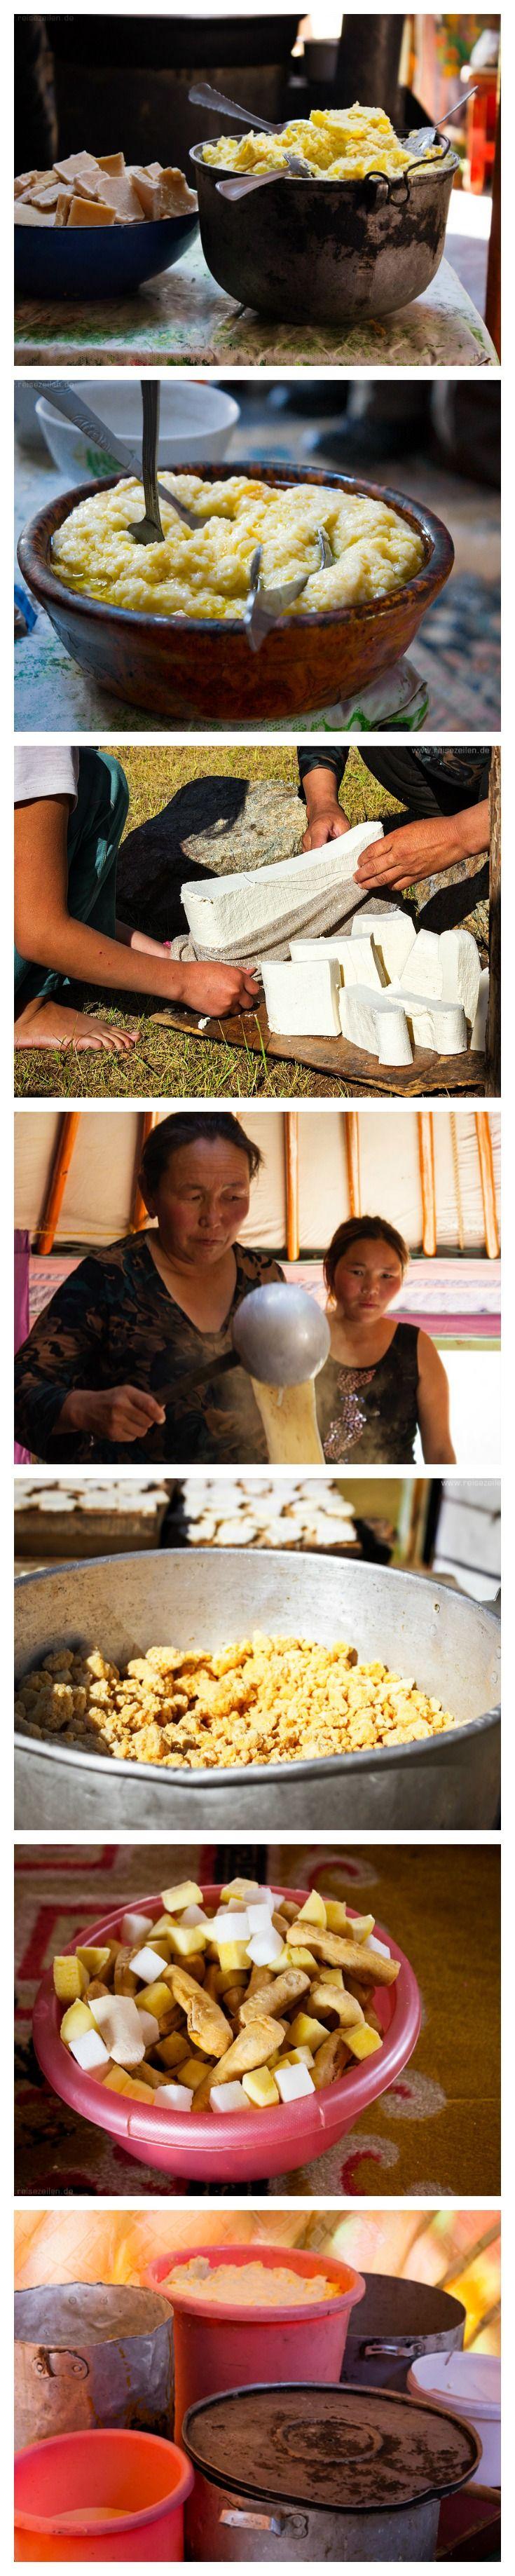 Die Essgewohnheiten in der #Mongolei sind komplett verschieden zu unseren europäischen Gewohnheiten. Es gibt ein paar echte kulinarische Herausforderungen, aber auch wirklich leckere Gerichte.